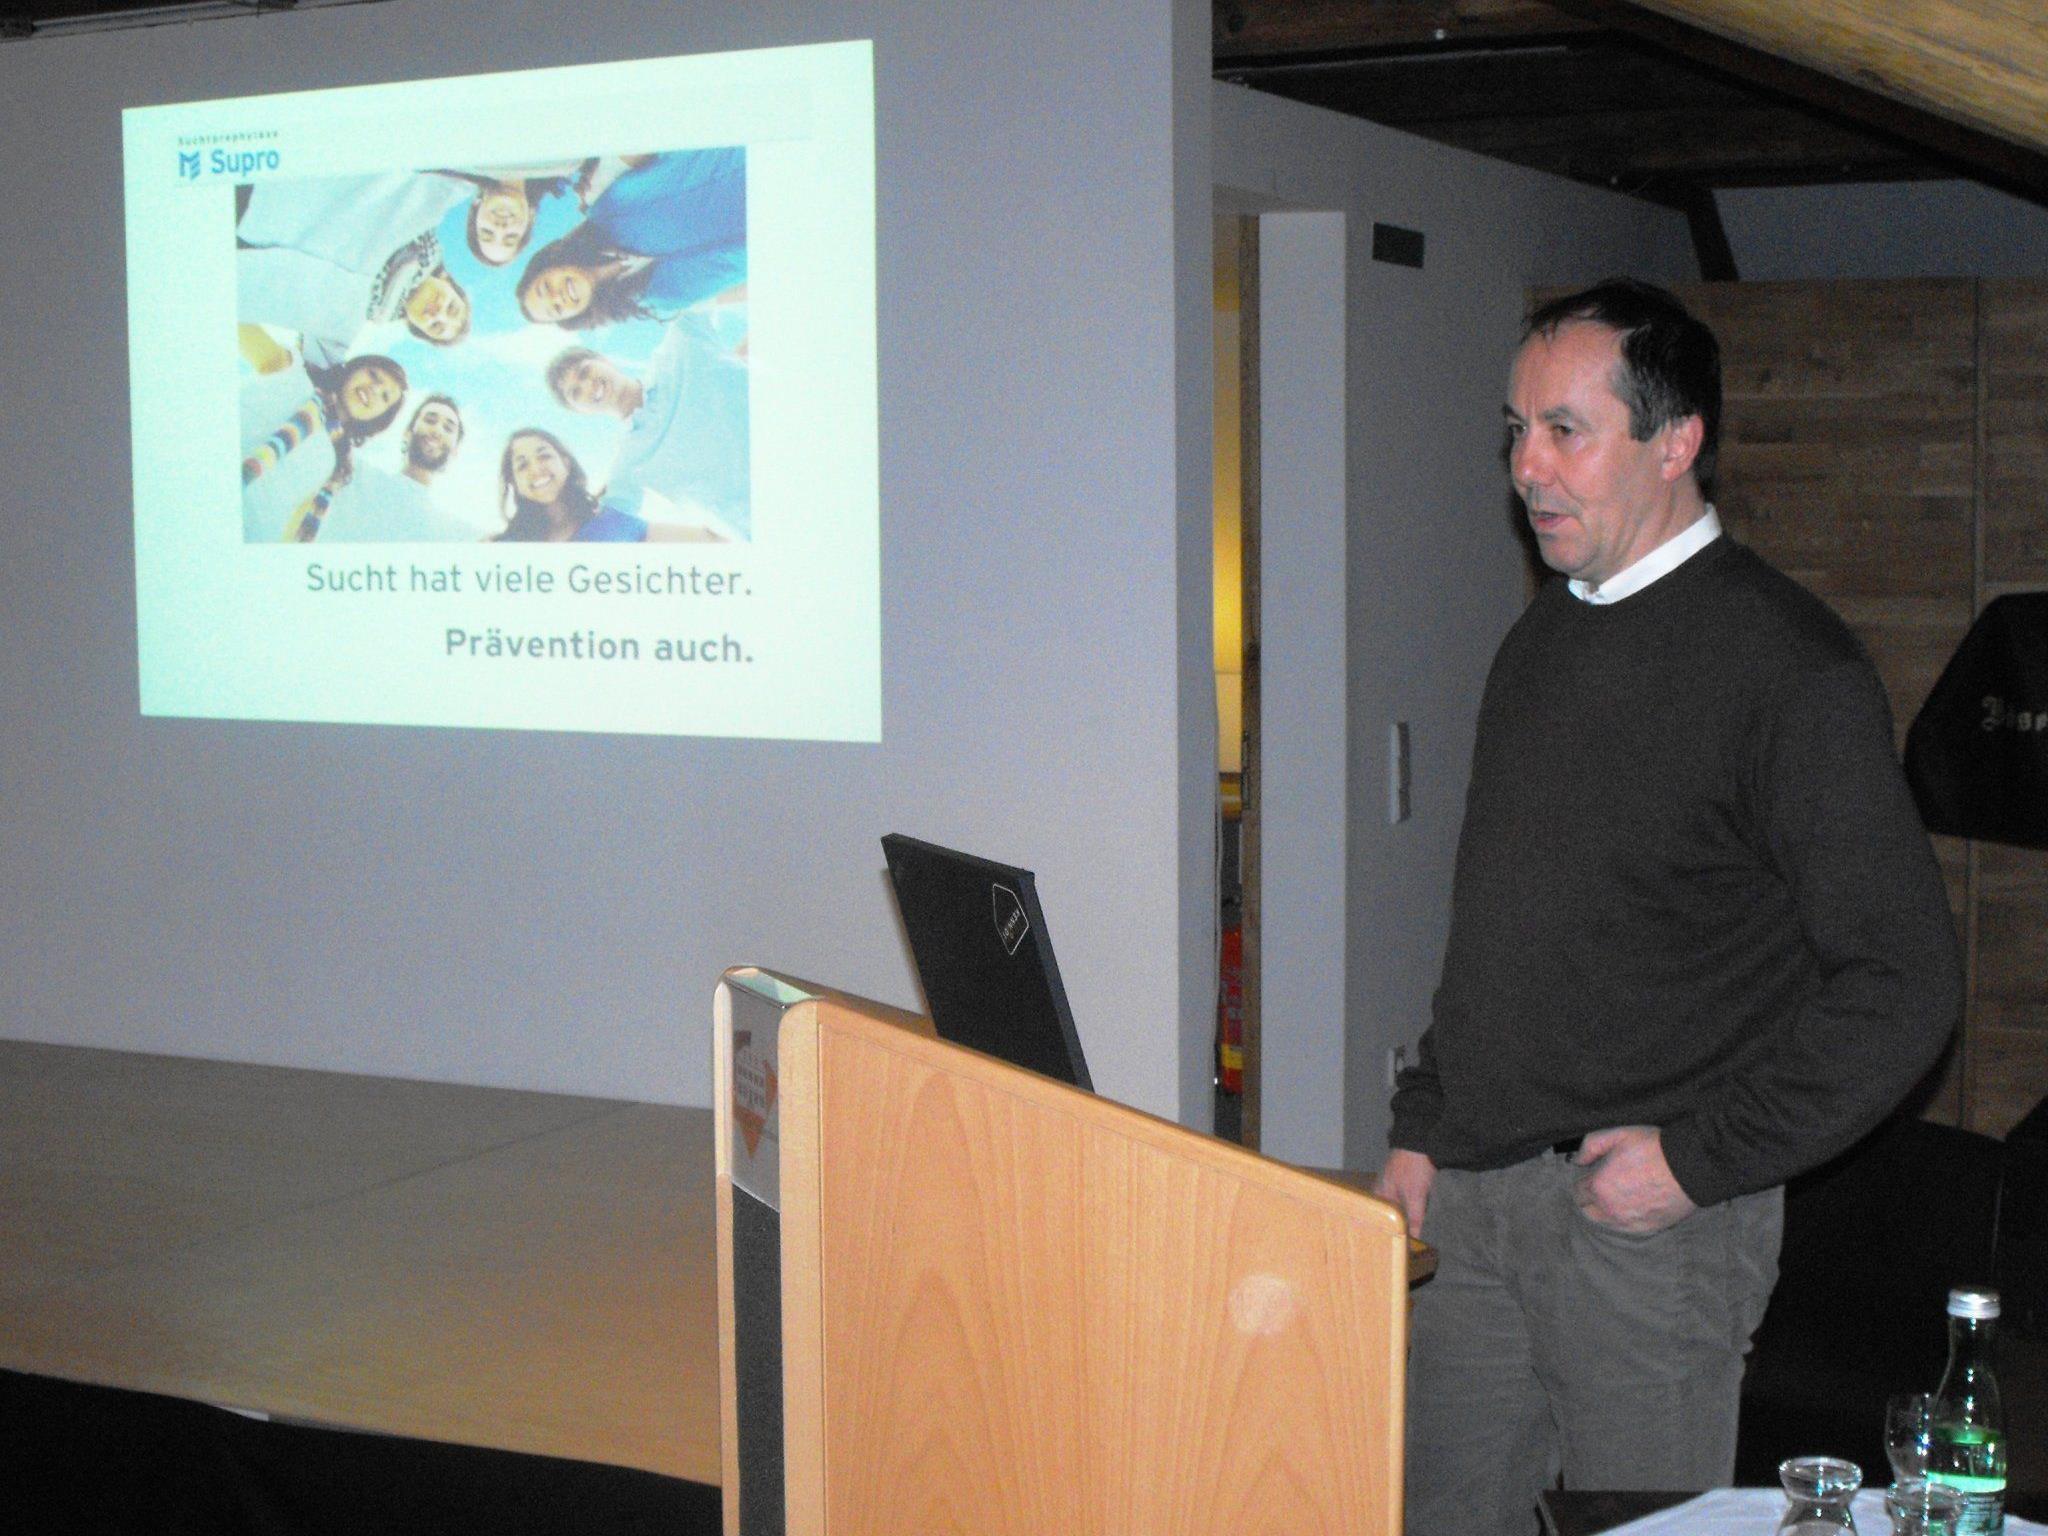 Der Supro-Leiter Andreas Prenn informierte über Suchtmittelkonsum